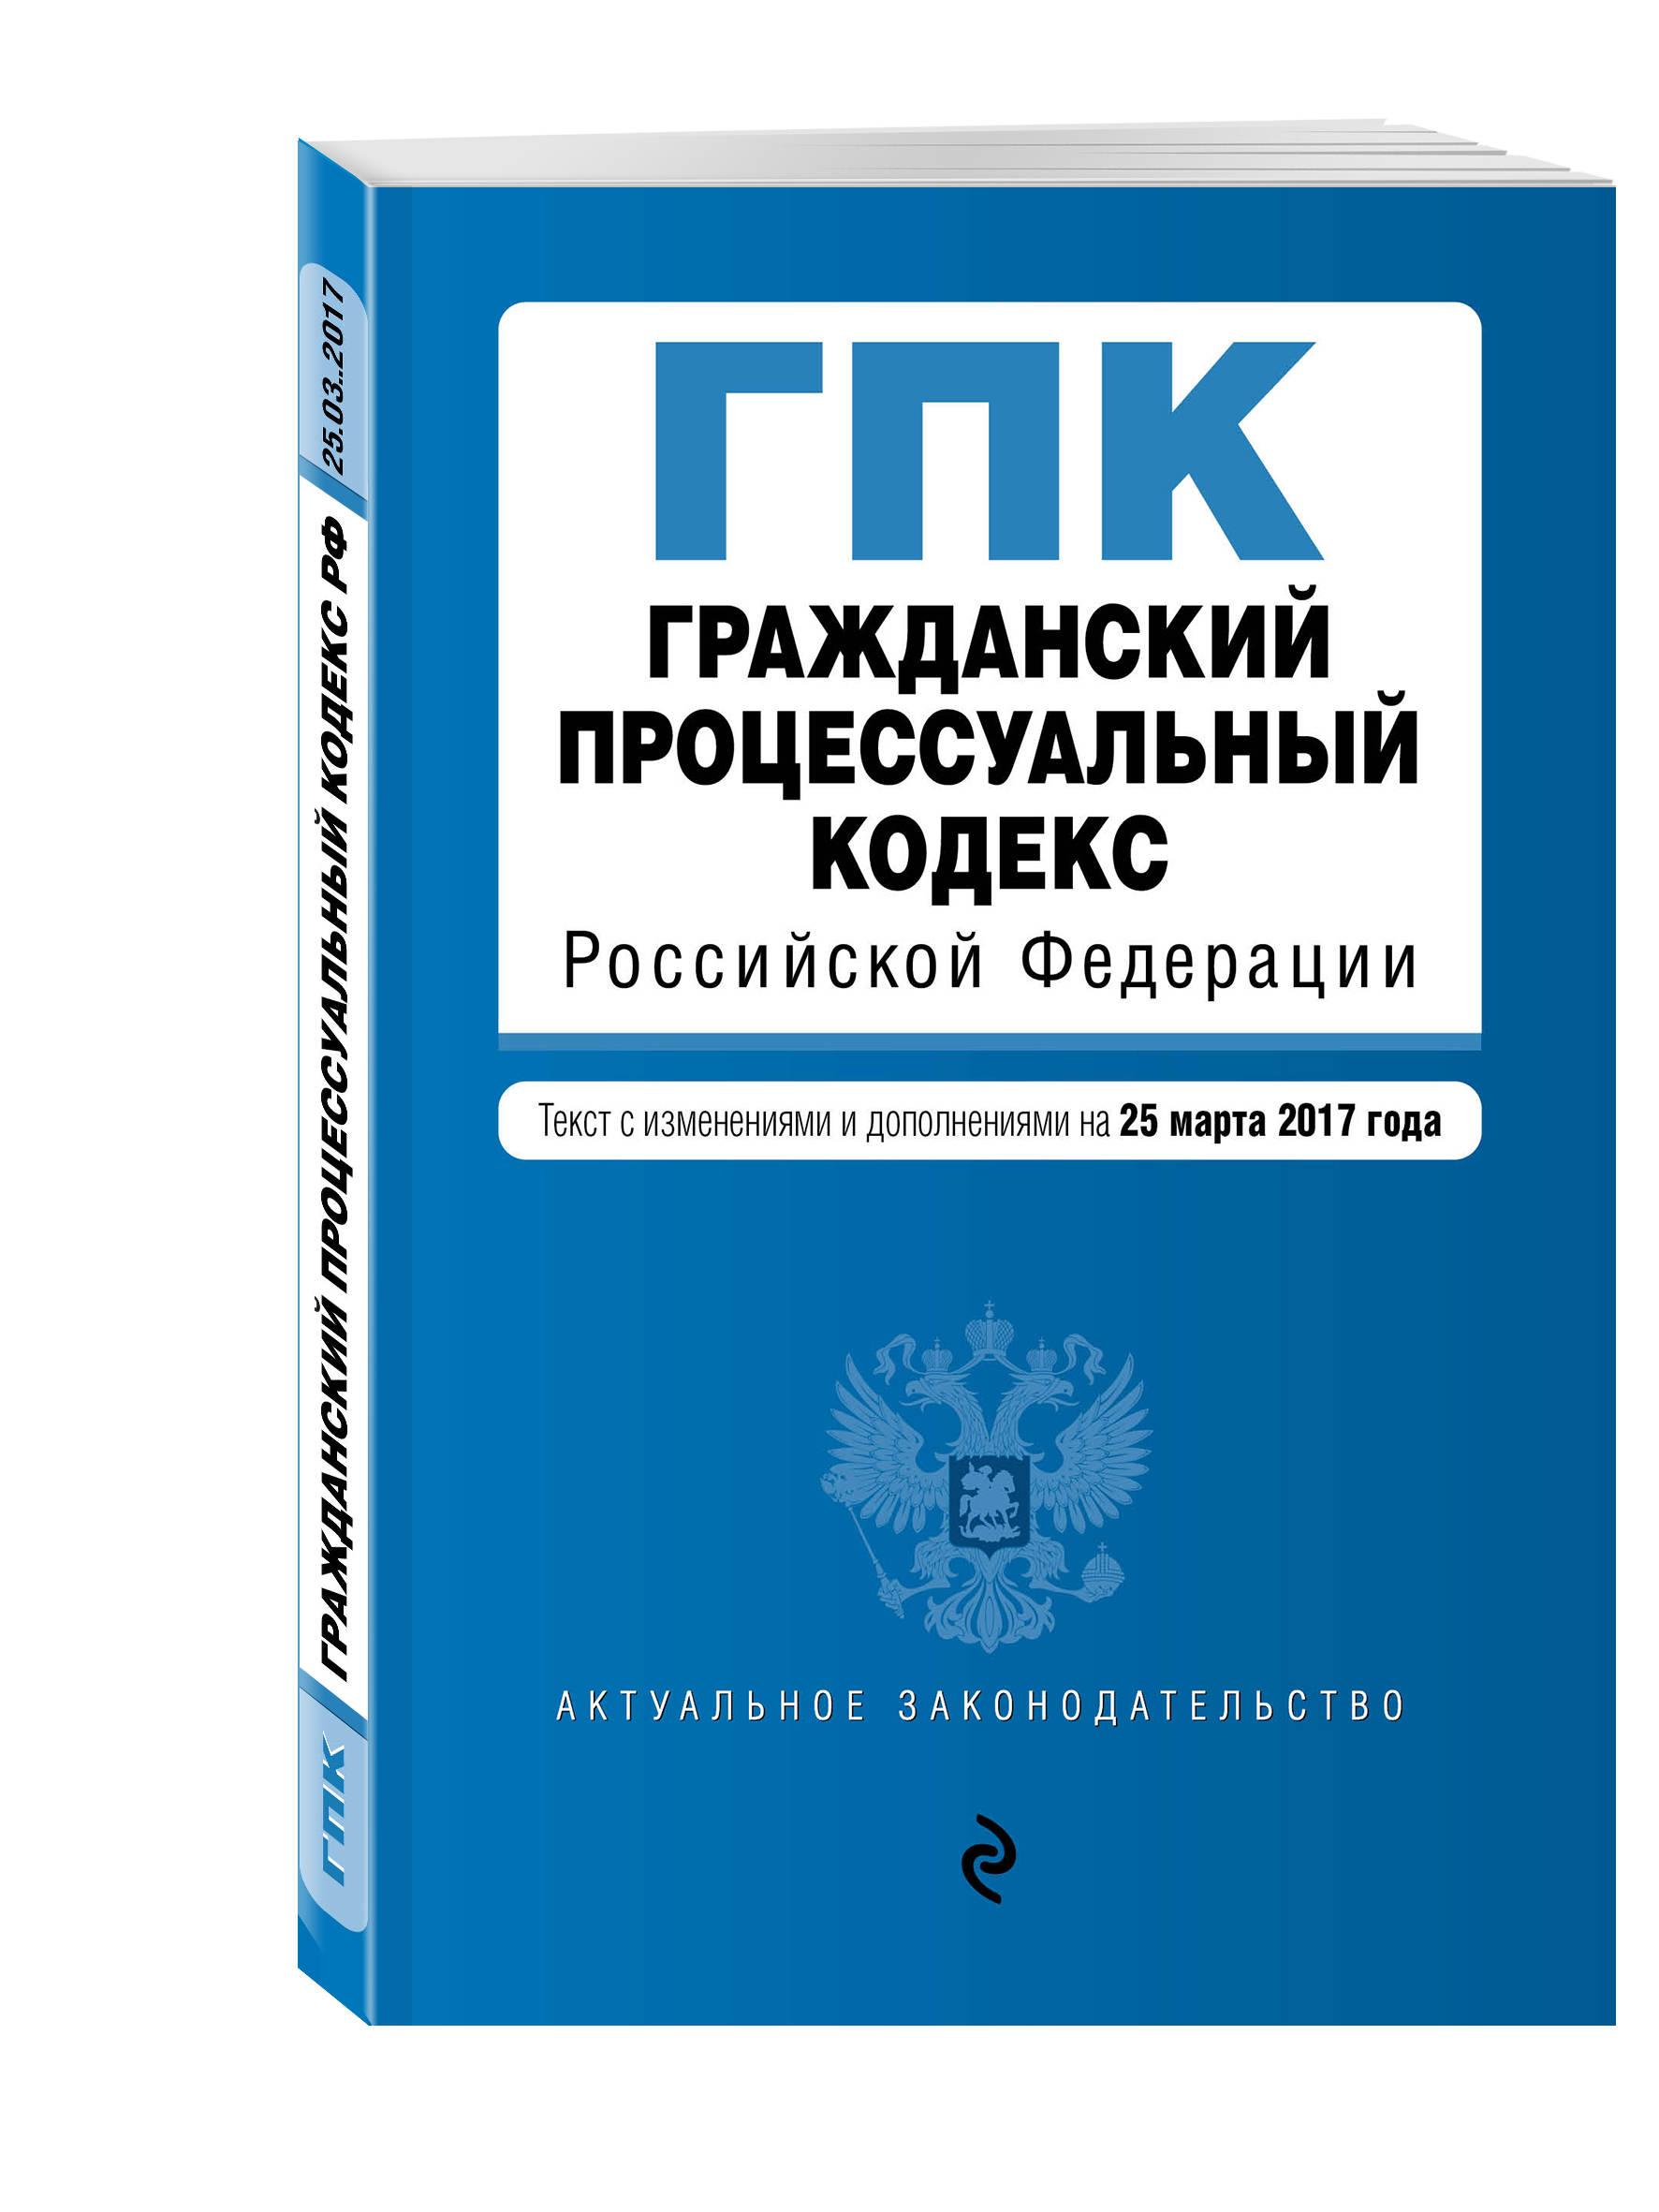 Гражданский процессуальный кодекс Российской Федерации : текст с изм. и доп. на 25 марта 2017 г.